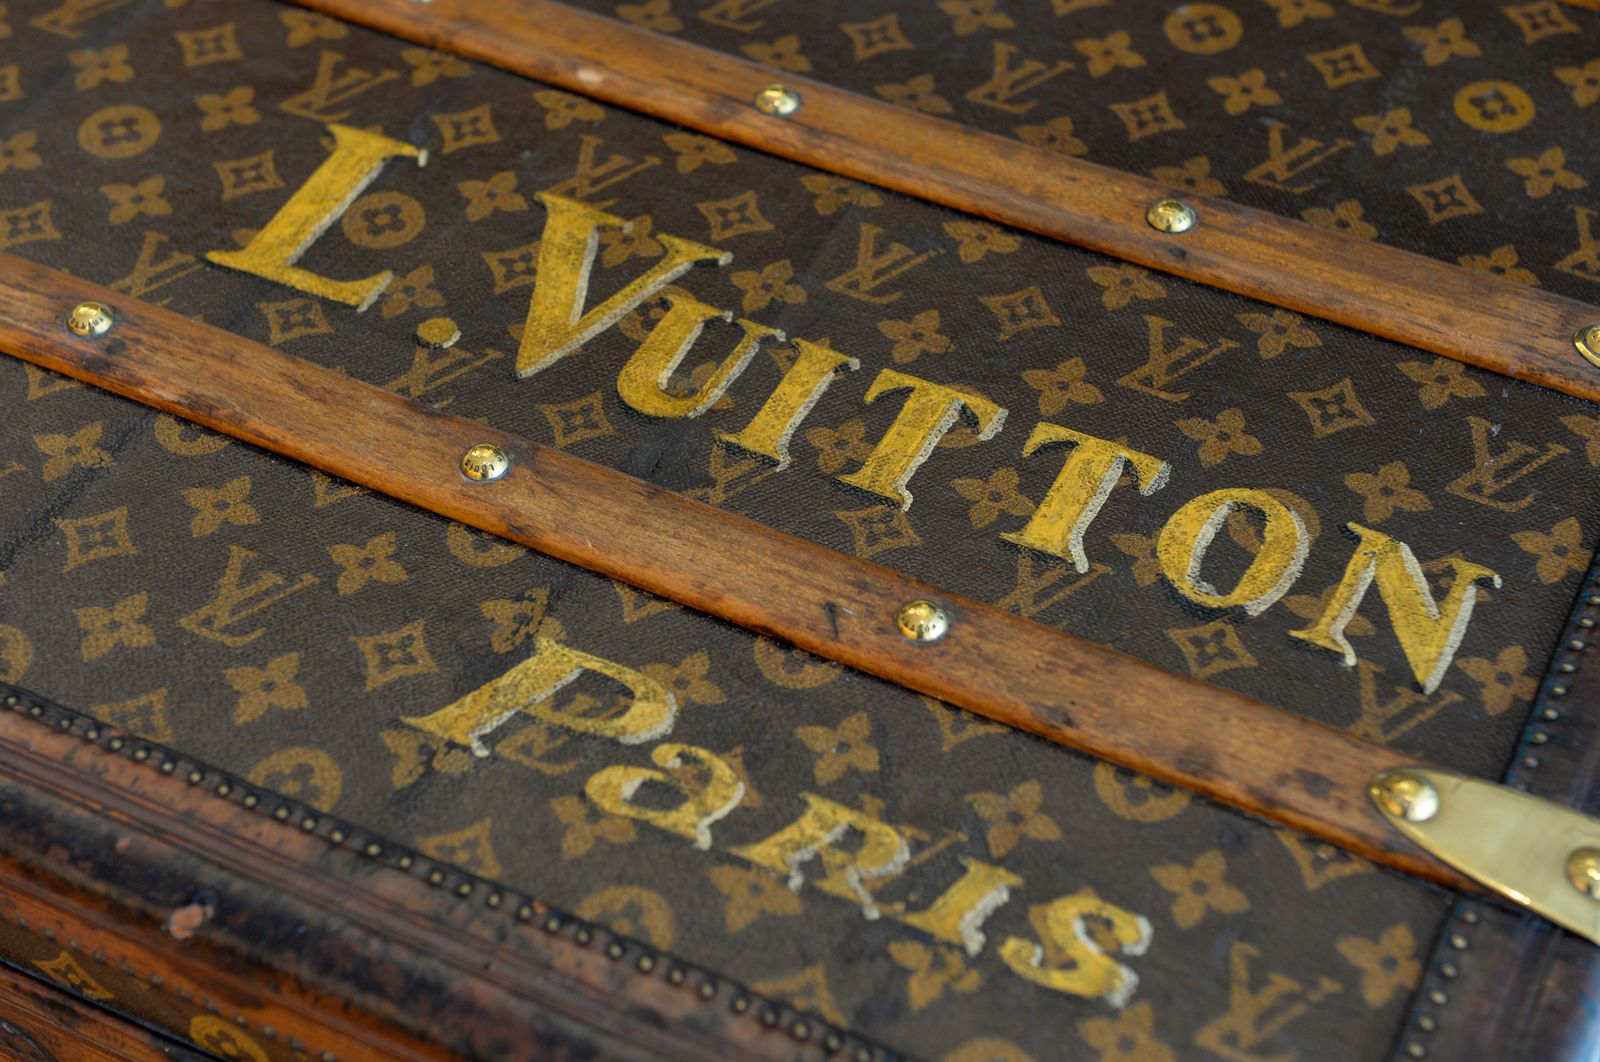 FASHION-LUXURY-ARTS-LOUIS VUITTON